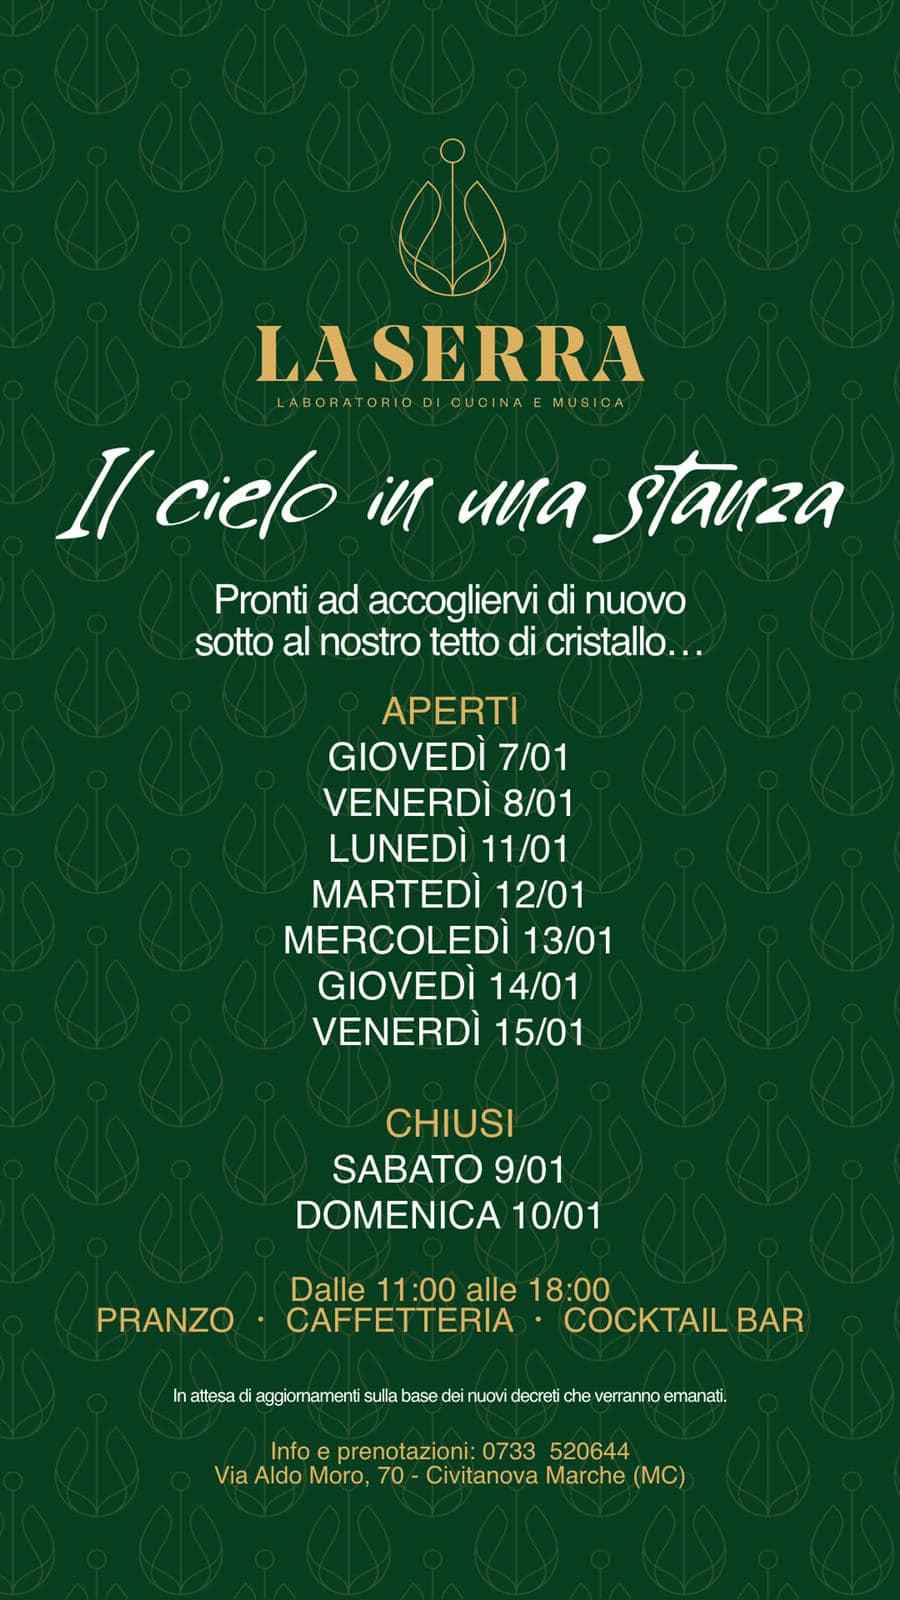 Ristorante La Serra Civitanova Marche, il terzo pranzo del 2021